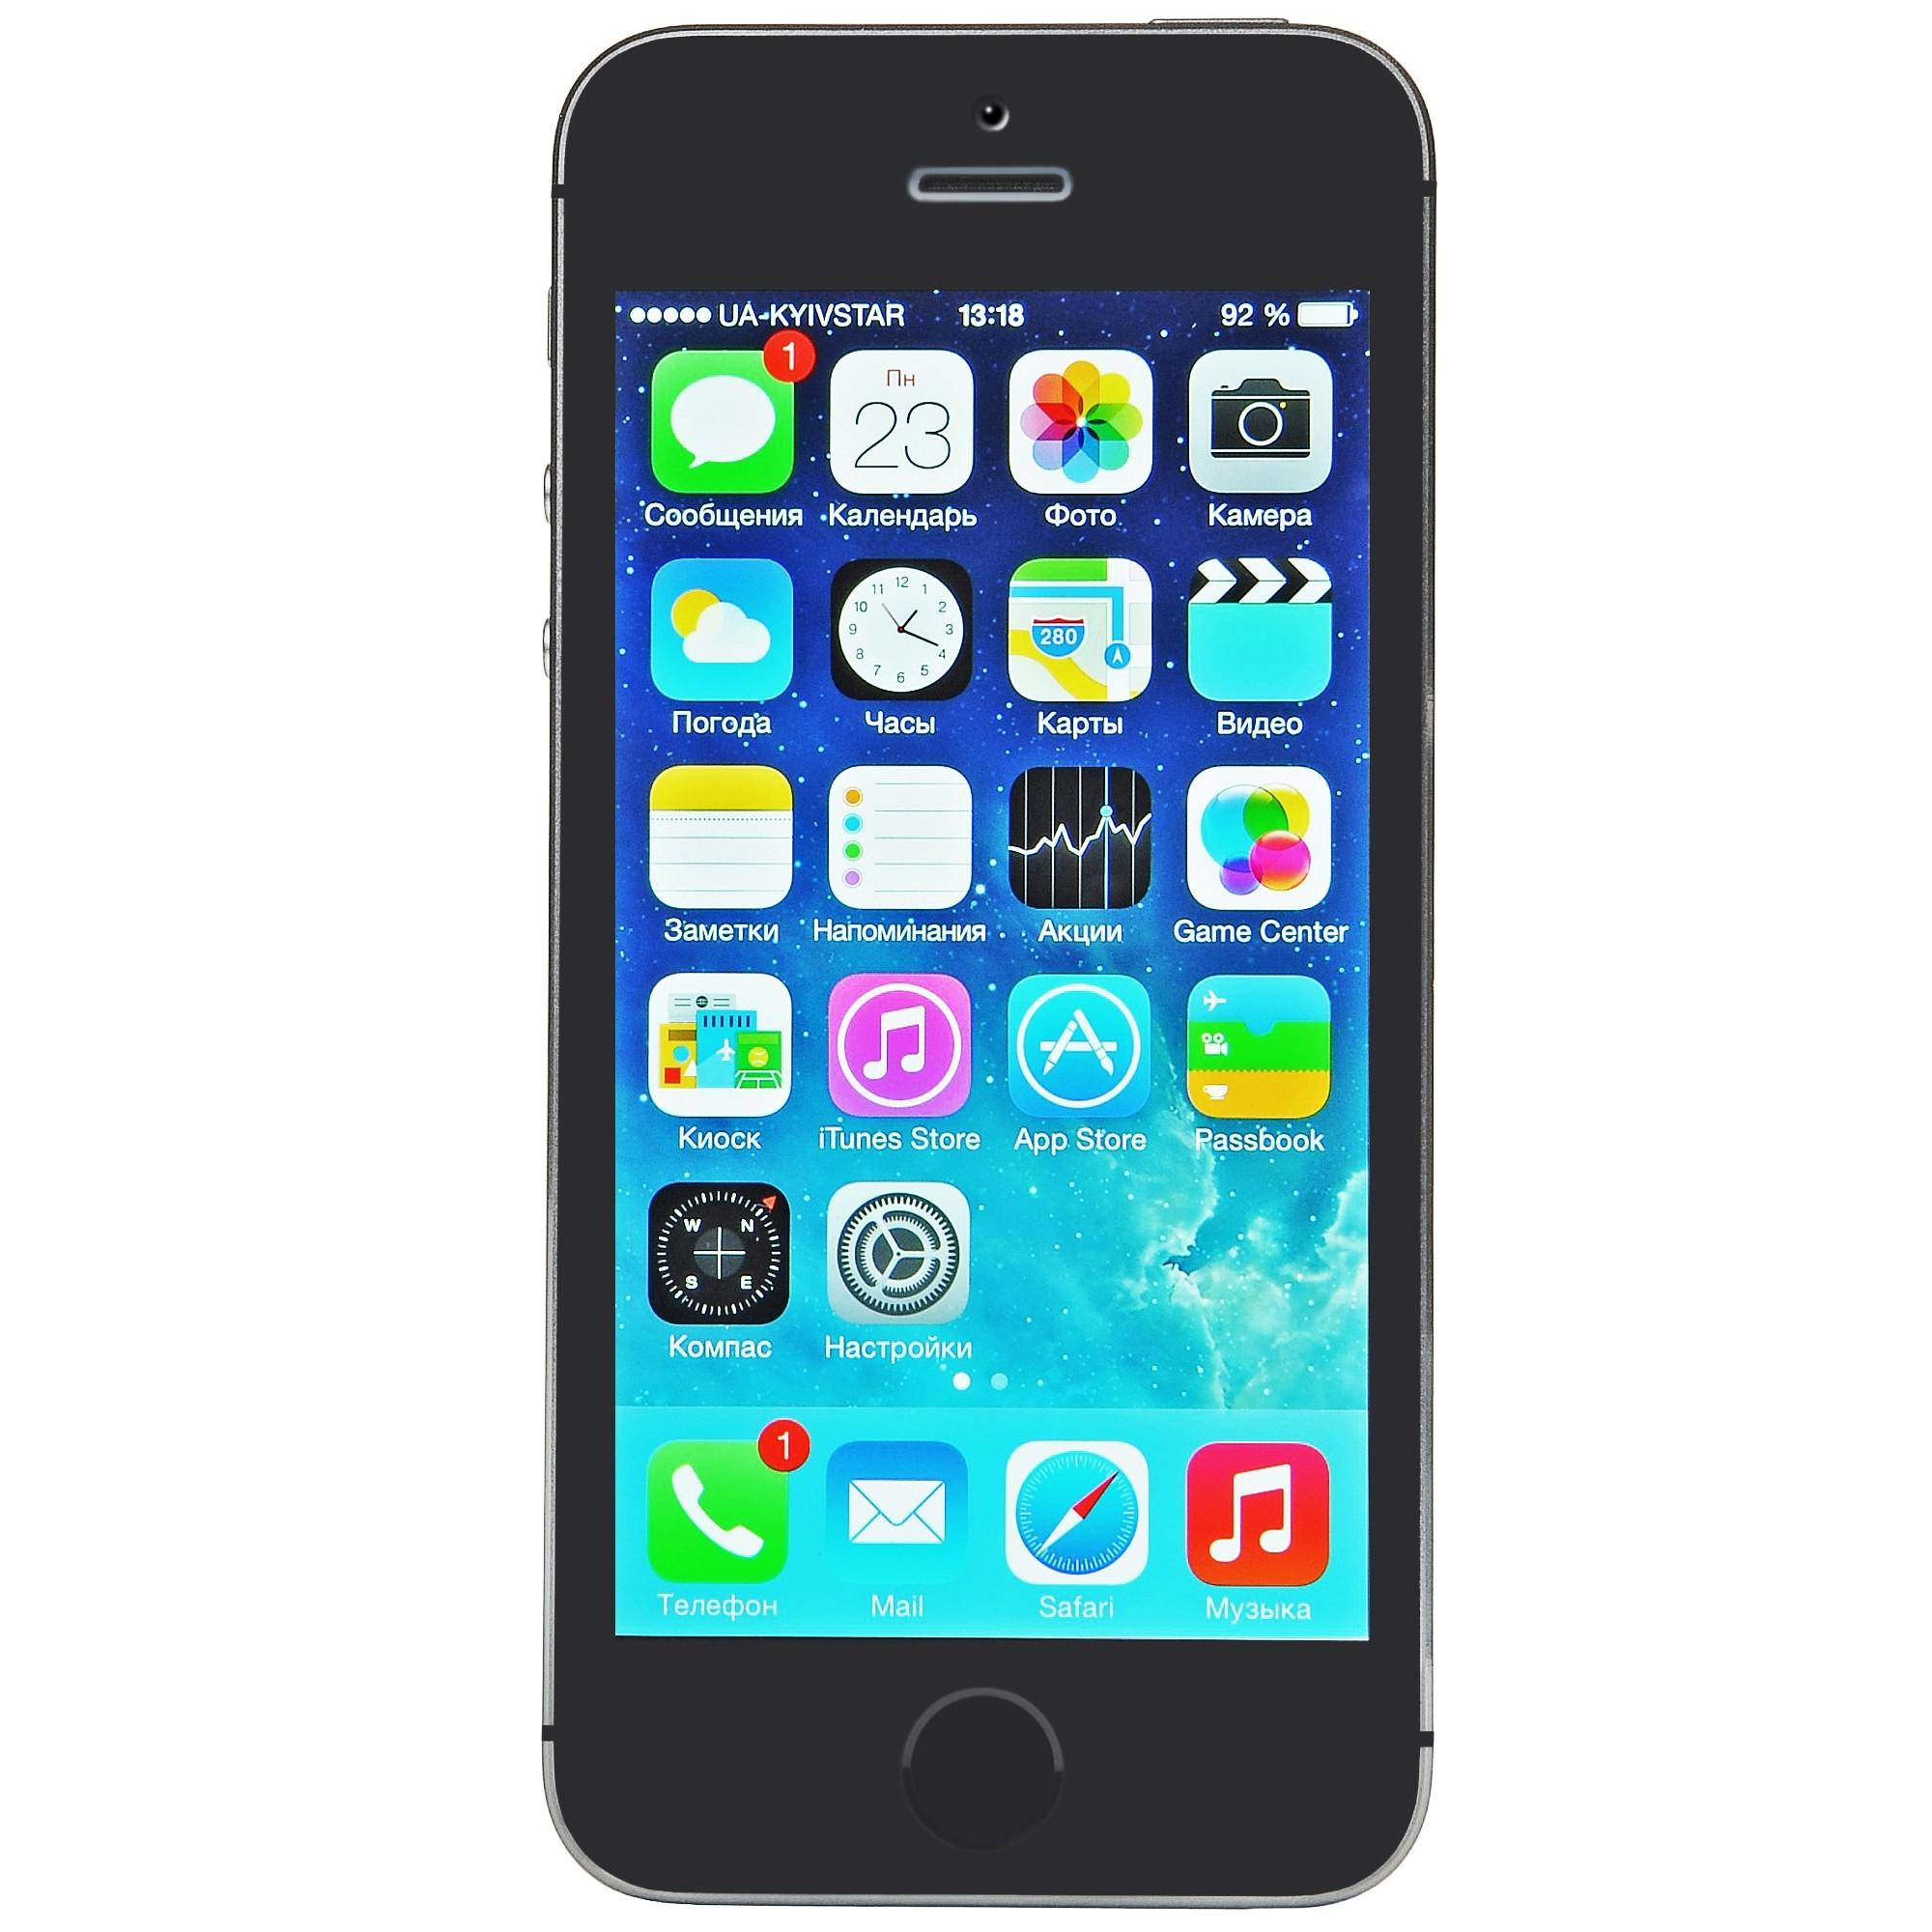 купить айфон 5s в киеве оригинал в кредит